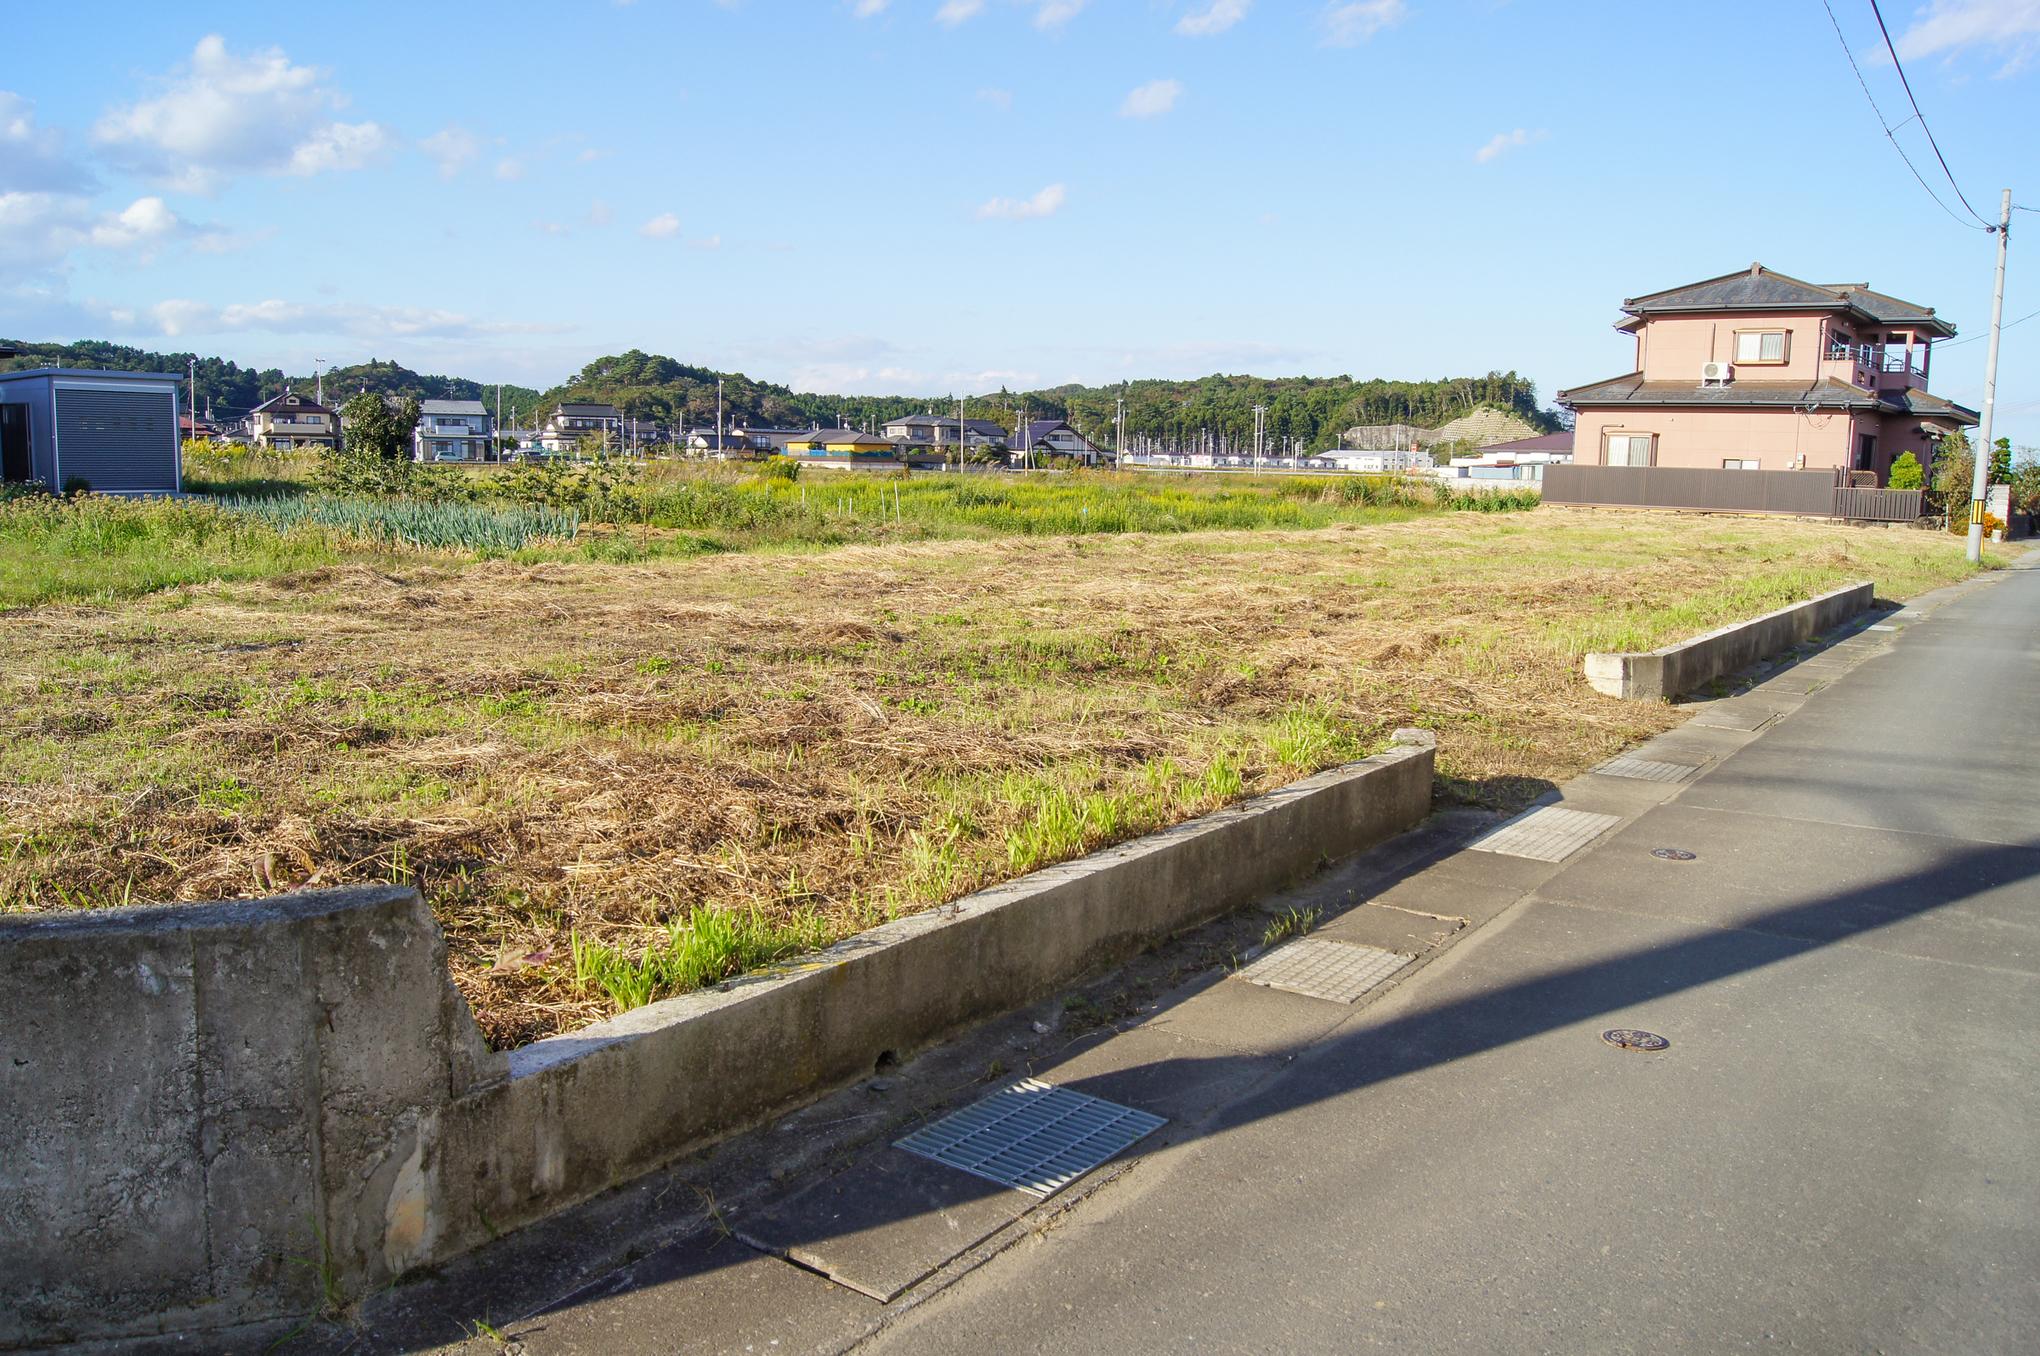 f:id:akichiniiko:20200607161110j:plain